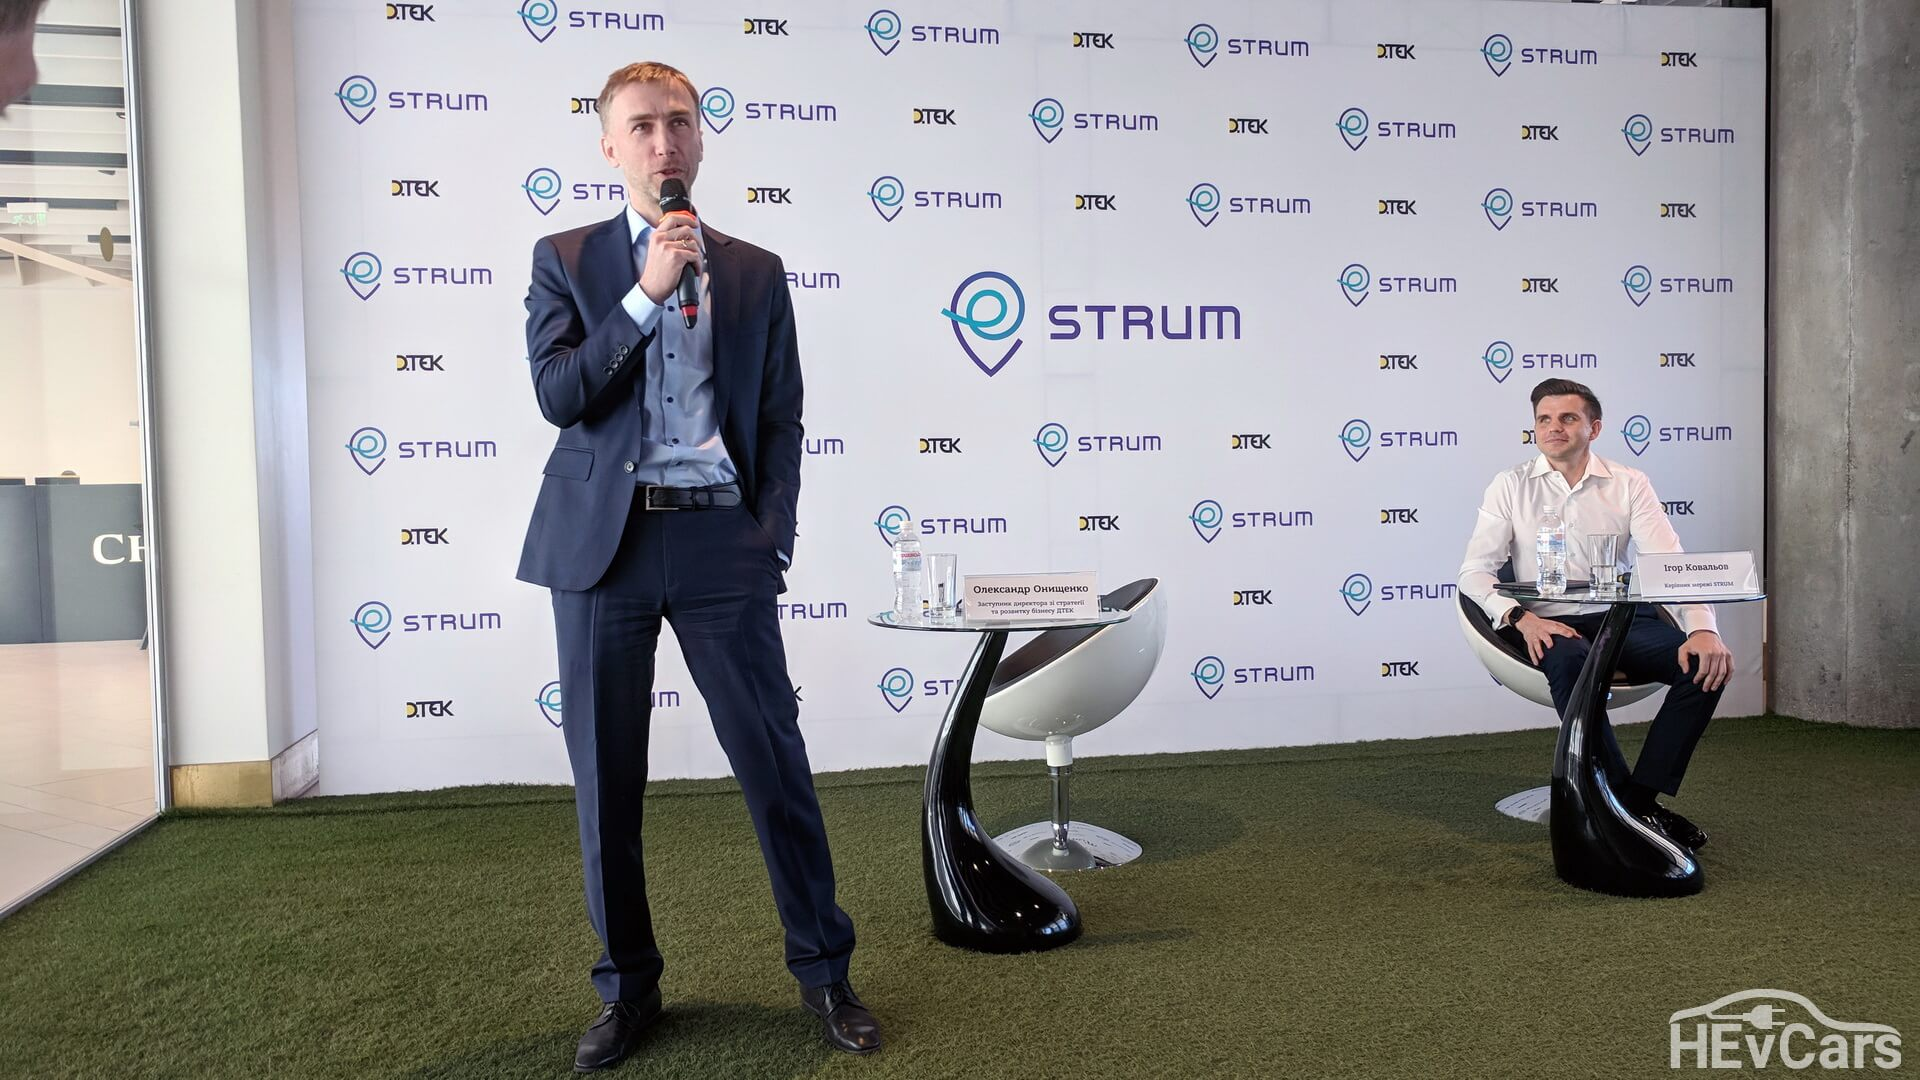 Мероприятие стартовало с доклада заместителя директора по стратегии и развитию бизнеса ДТЭК Александра Онищенка